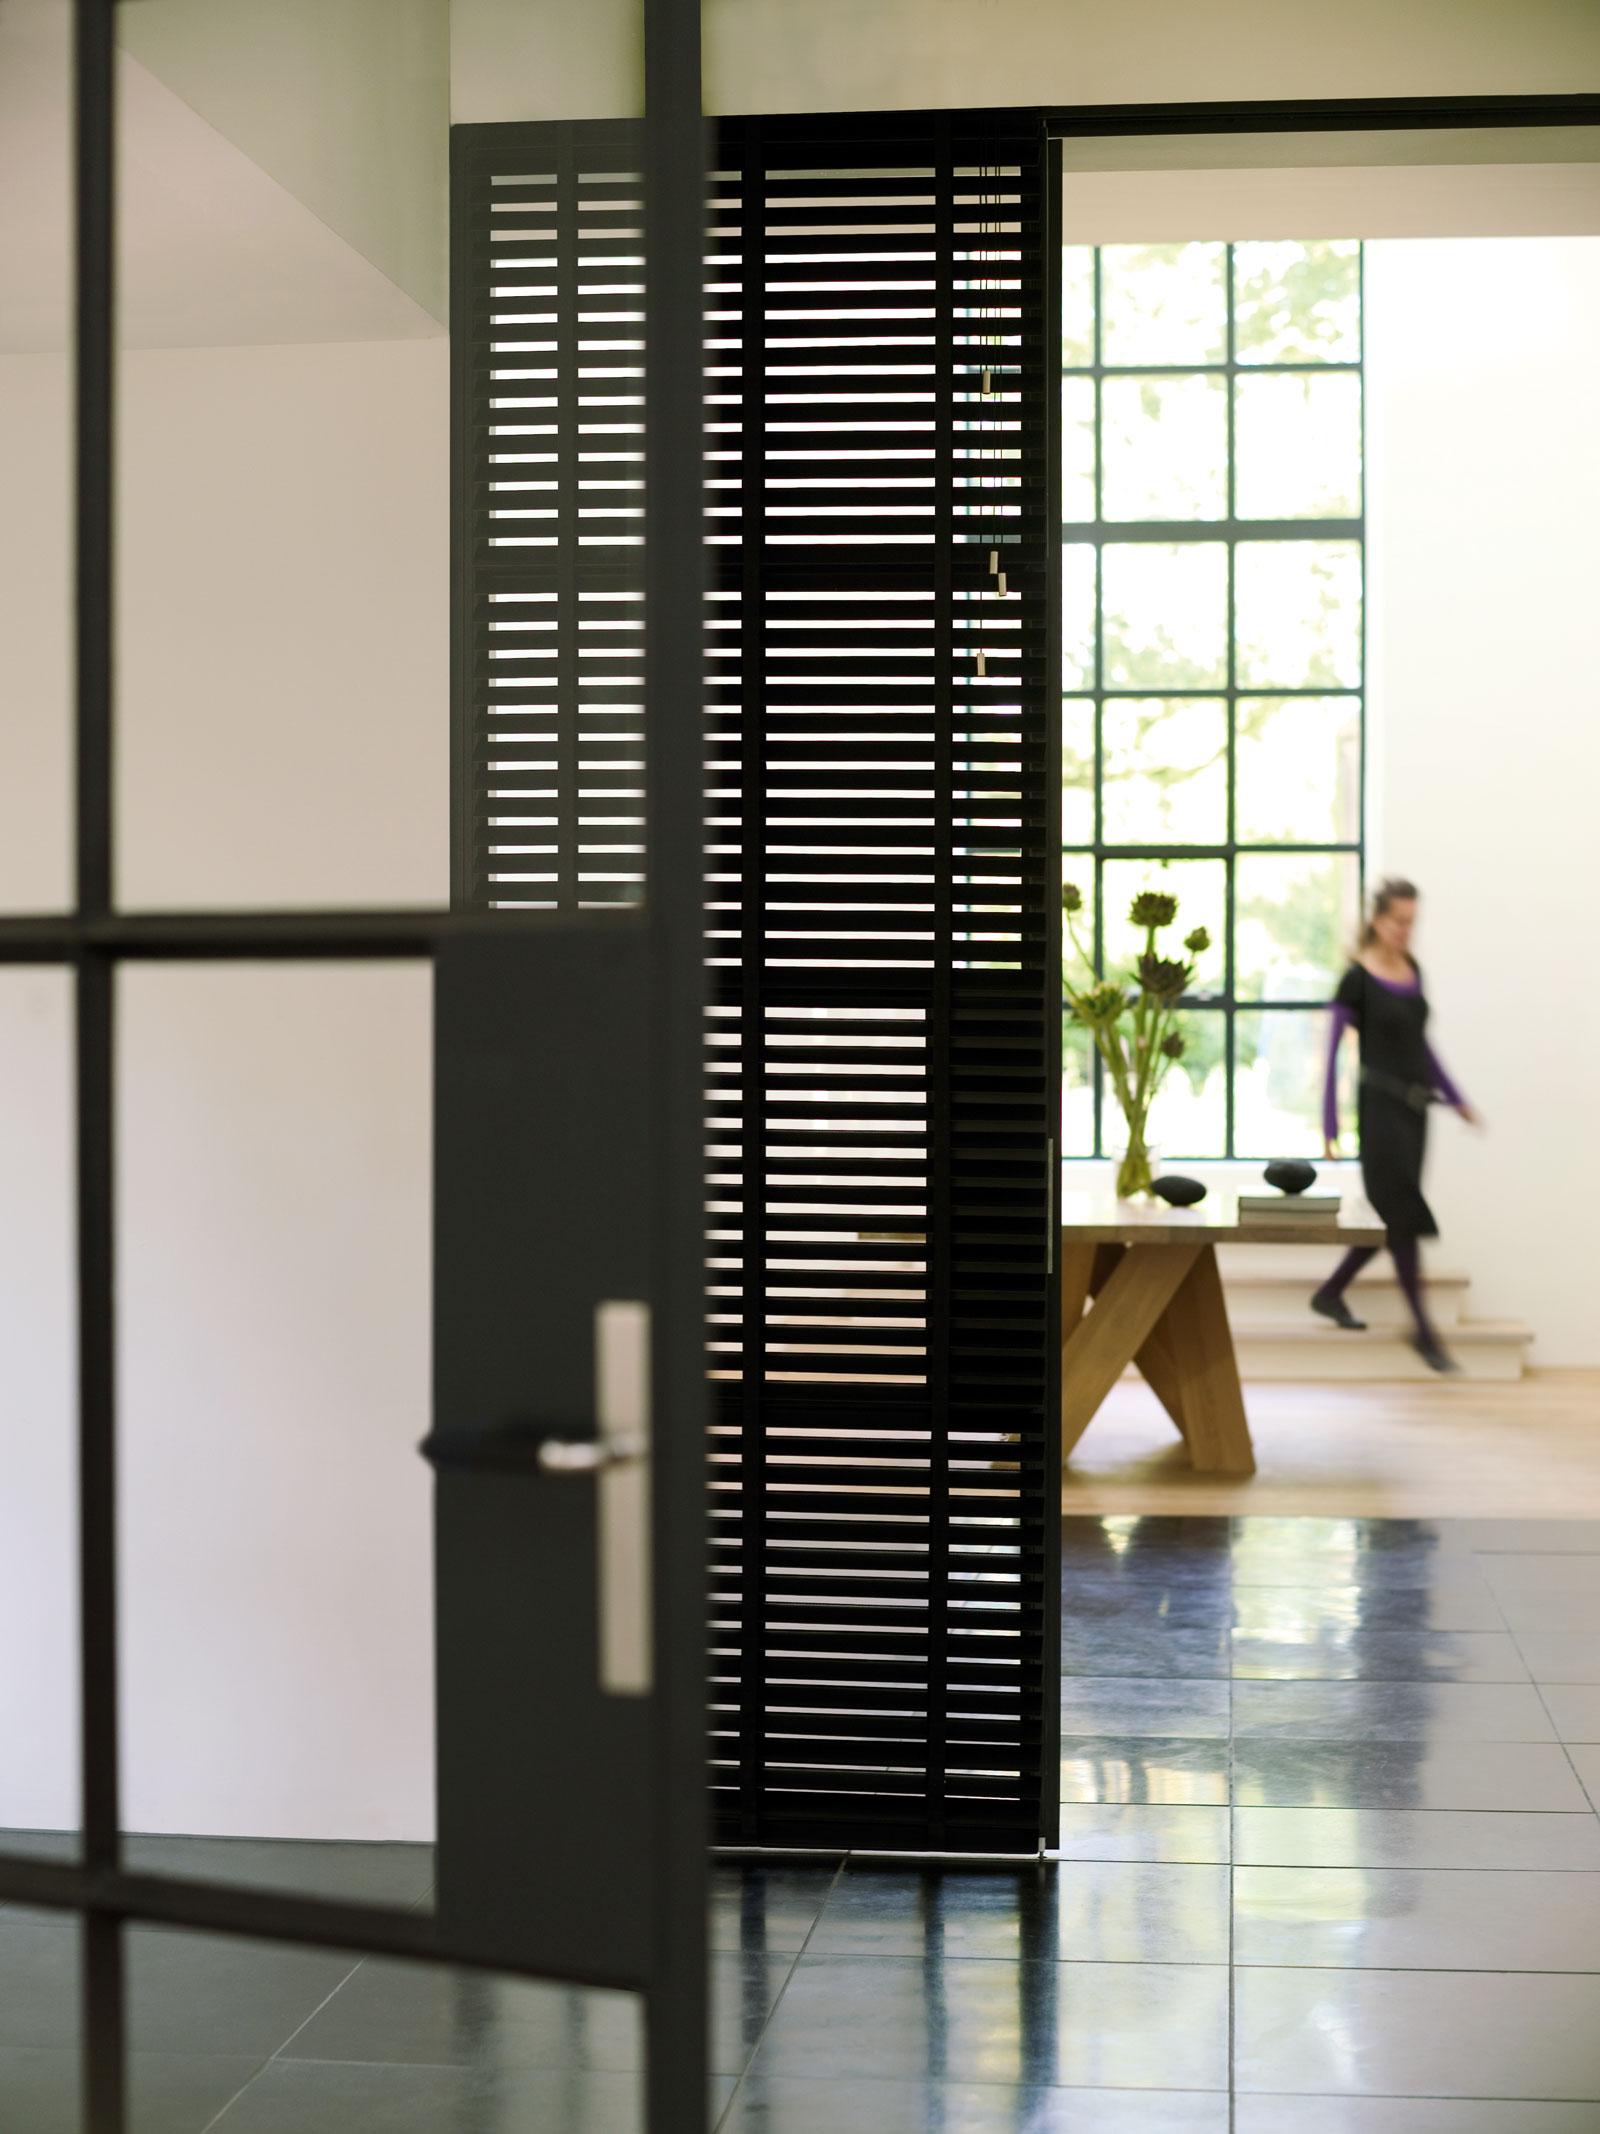 Hochwertiger Sonnenschutz, Sichtschutz und Lichtschutz - Lamellenvorhang - Senkrechtlamellen - Holzjalousie in Schwarz als Raumtrenner - Dr. Haller + Co. - Selastore®